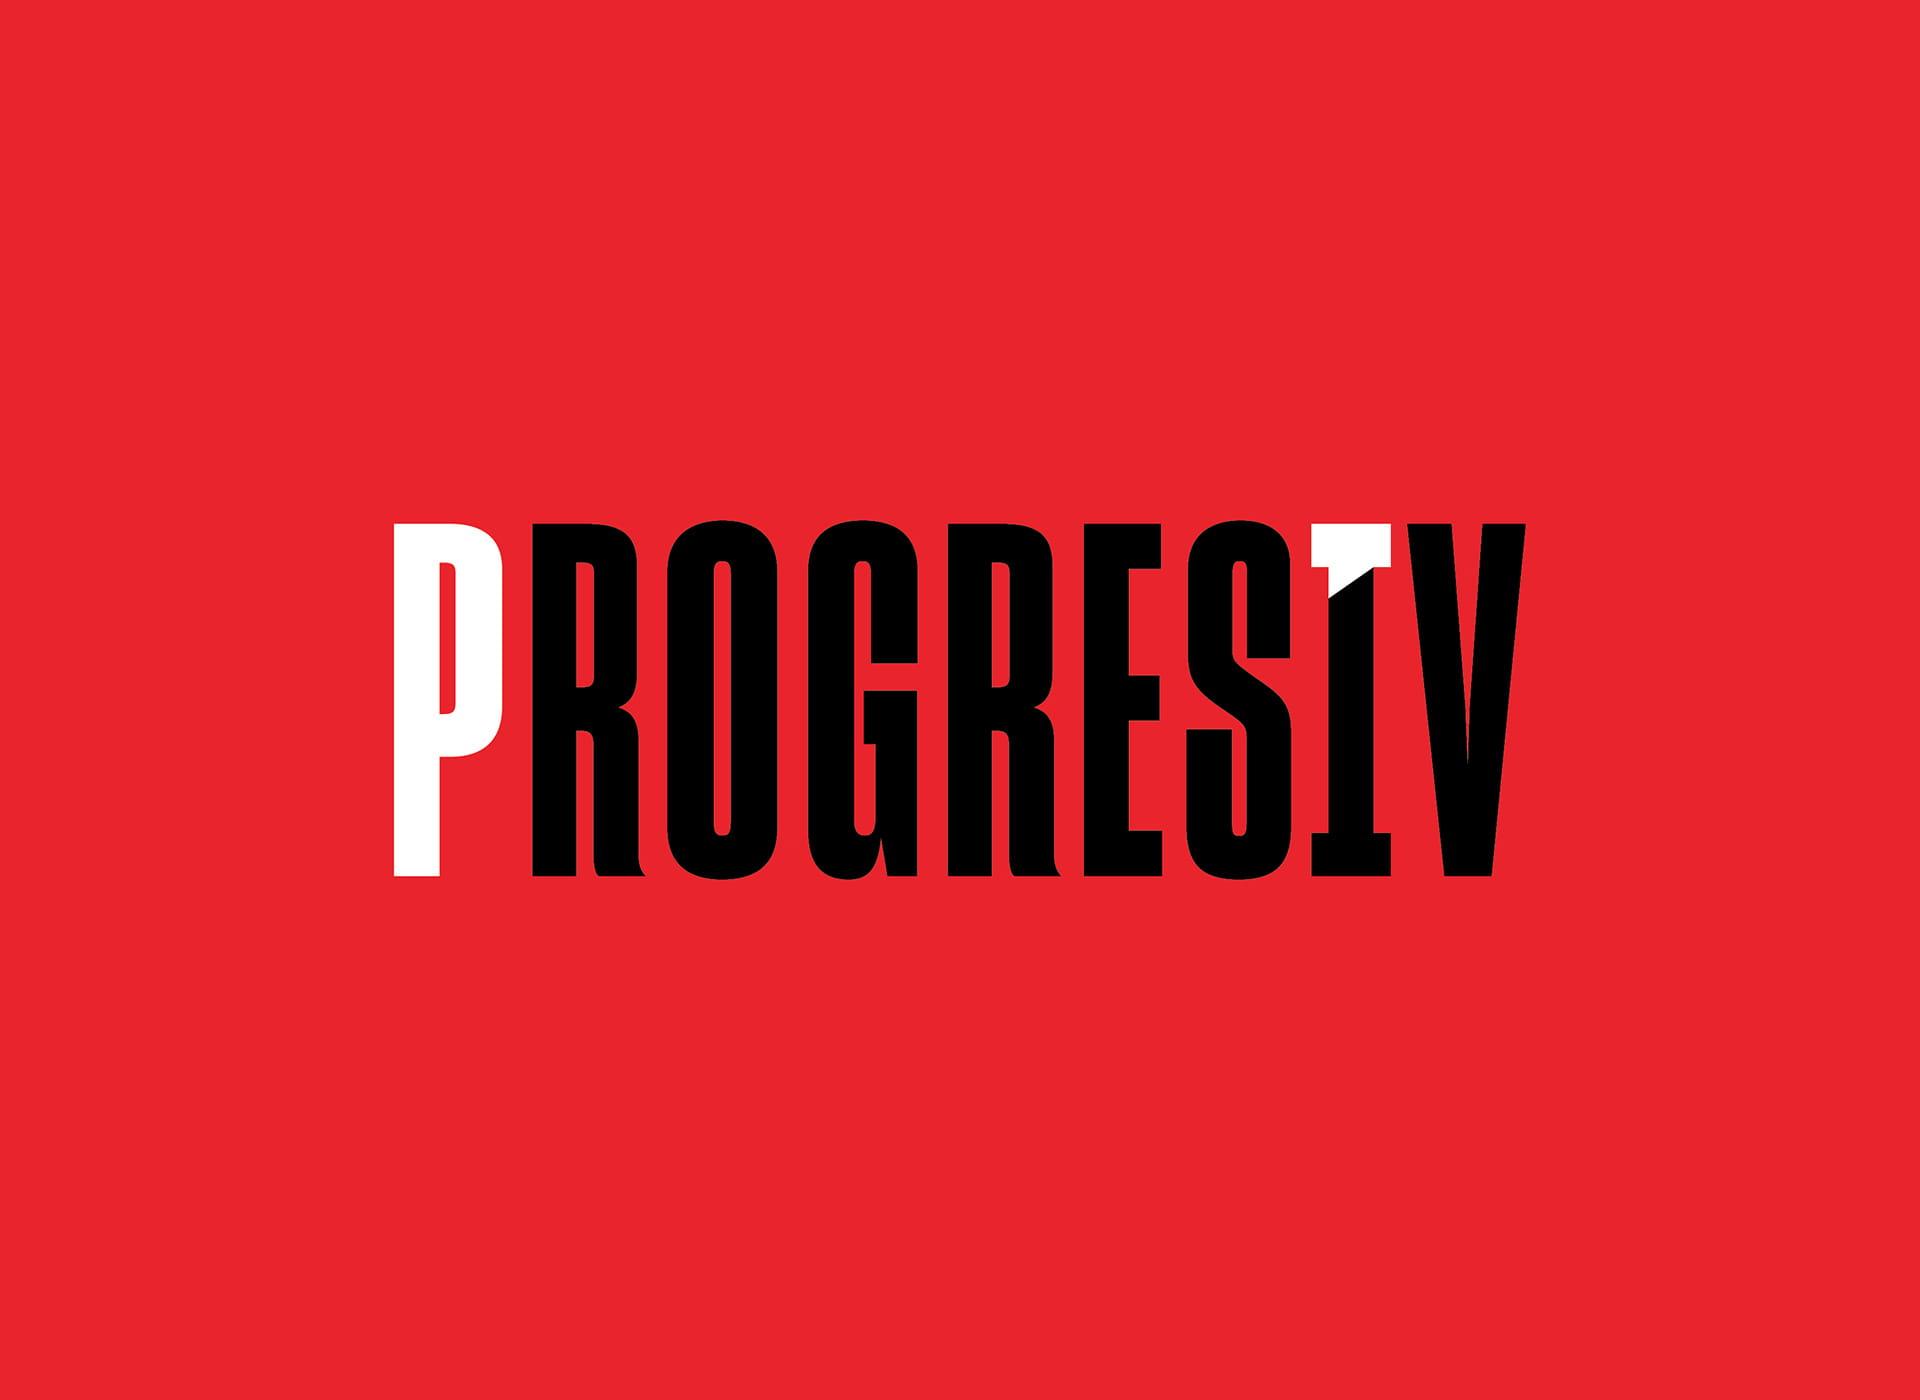 Progresiv Magazine